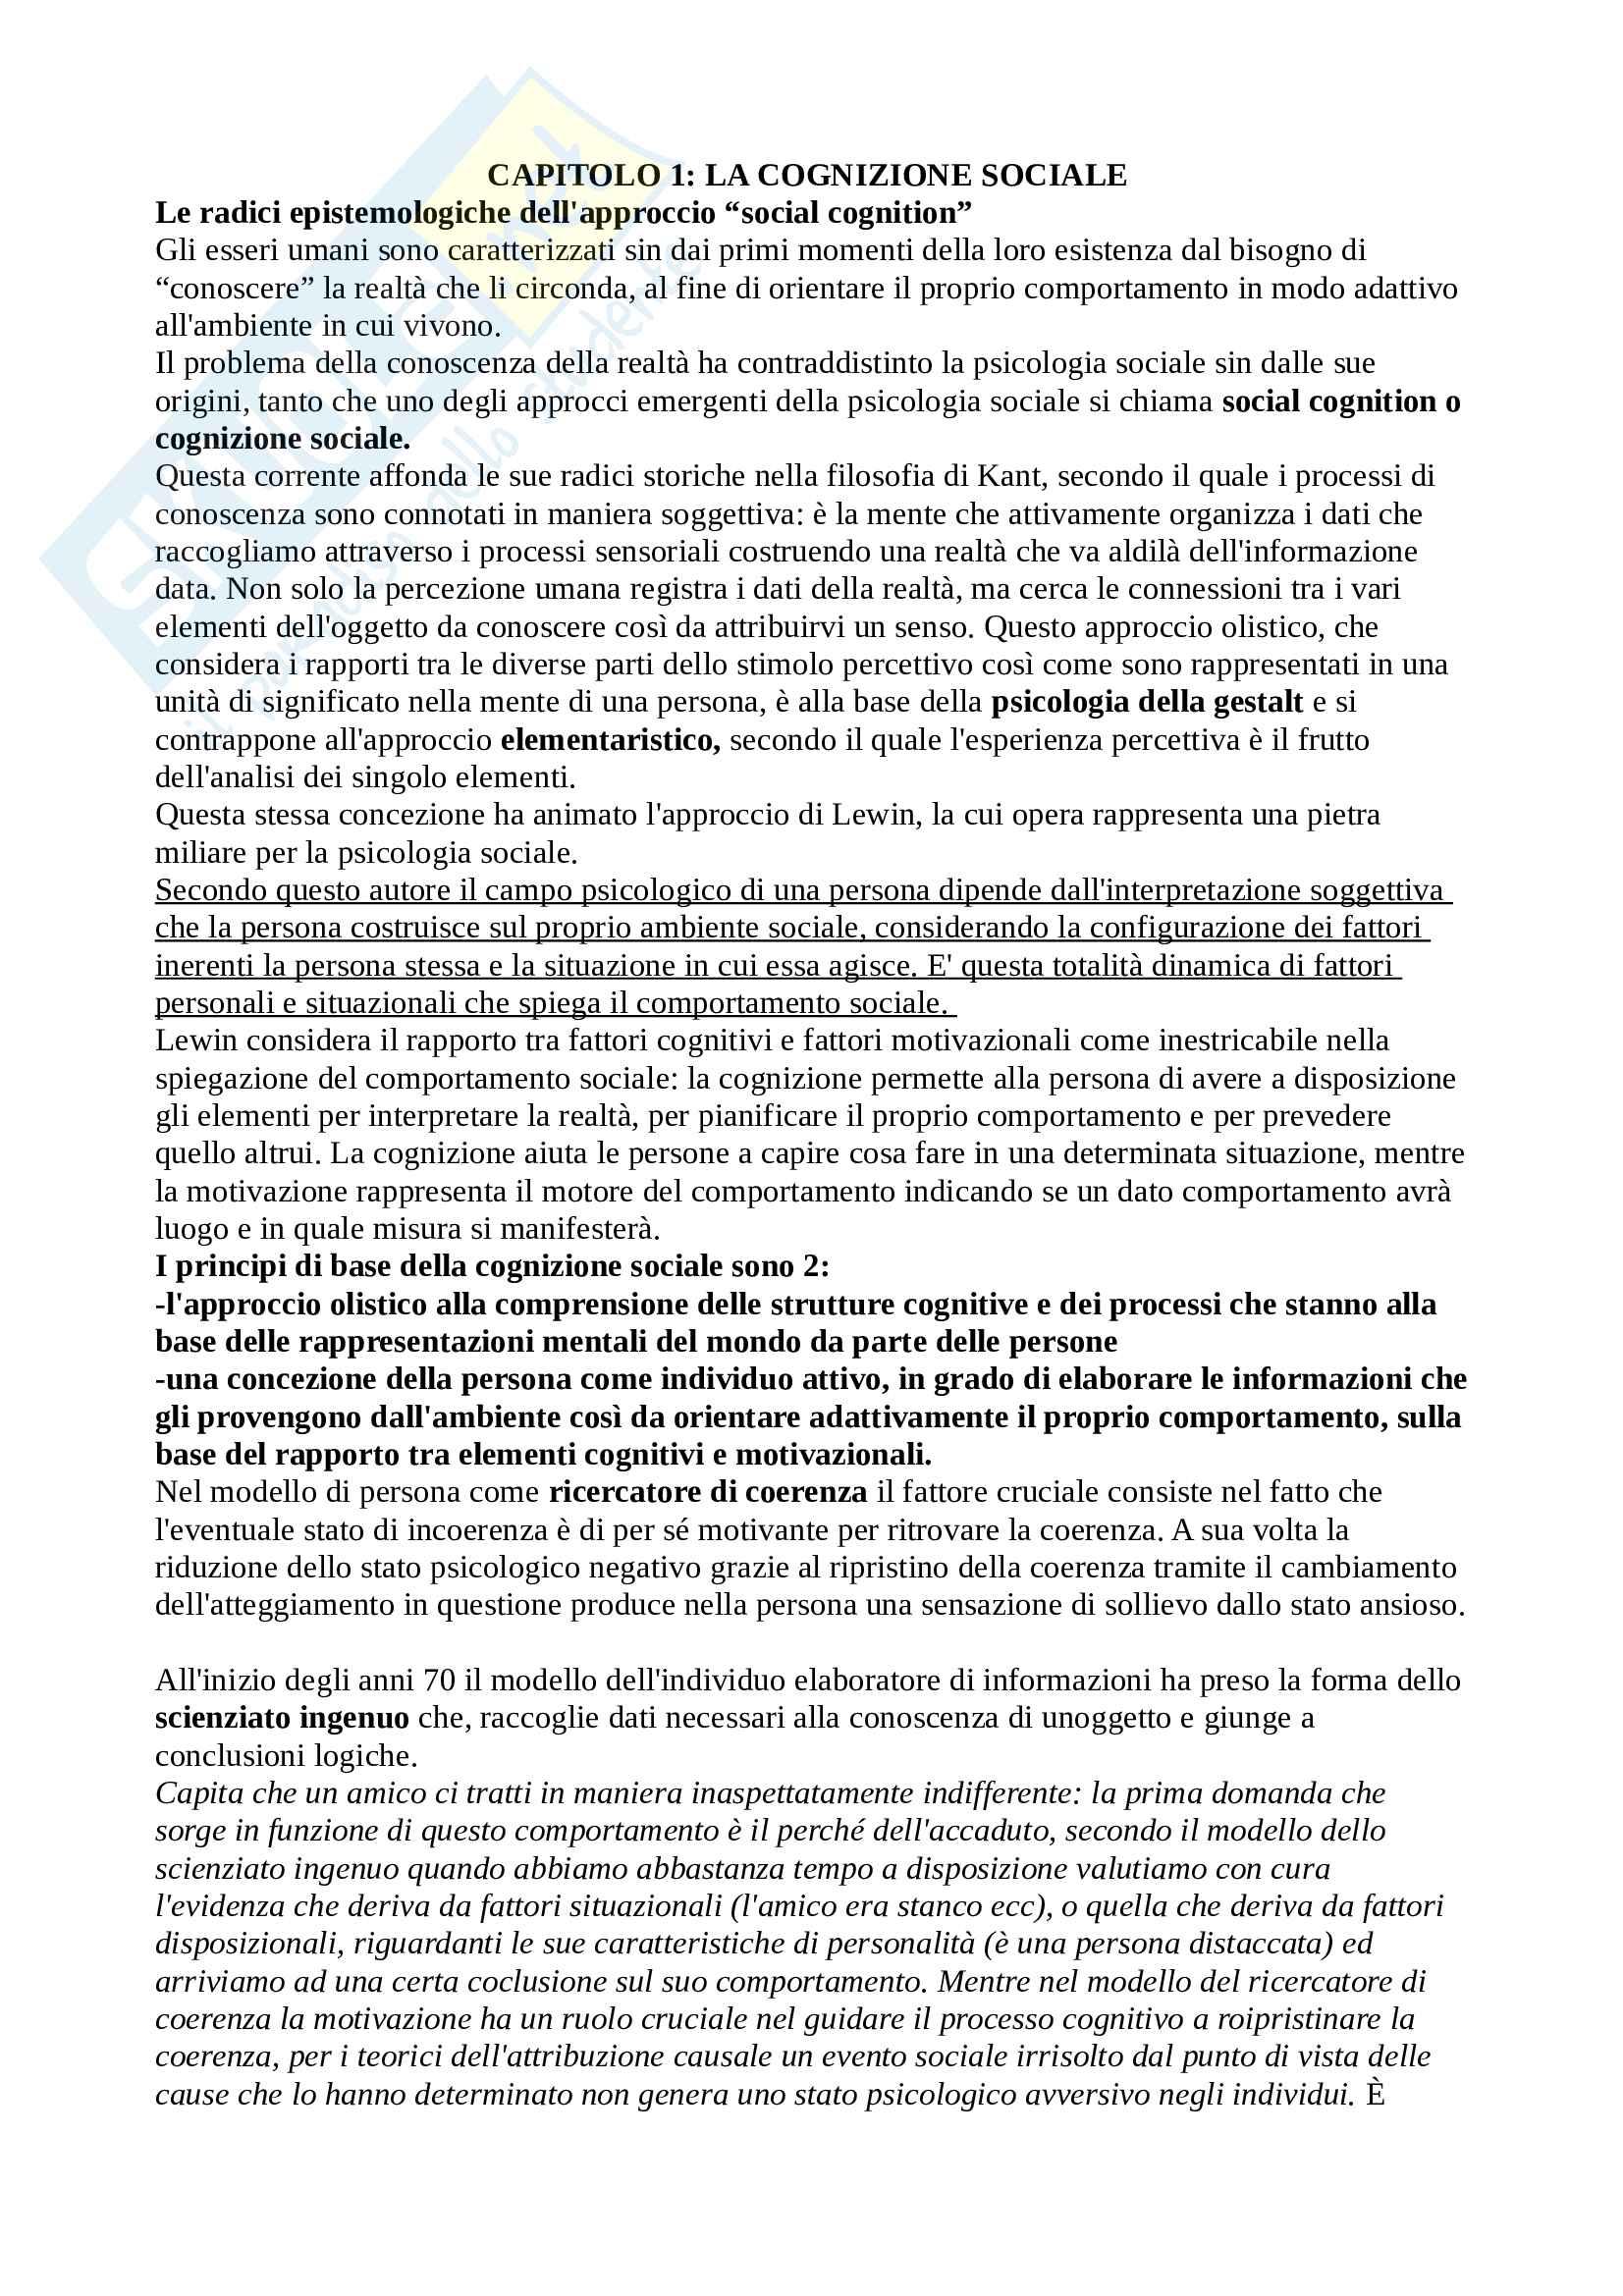 Riassunto Esame Psicologia sociale, Docente Mannarini Terri, Libro consigliato manuale di psicologia sociale di Palmonari, Cavazza, Rubini